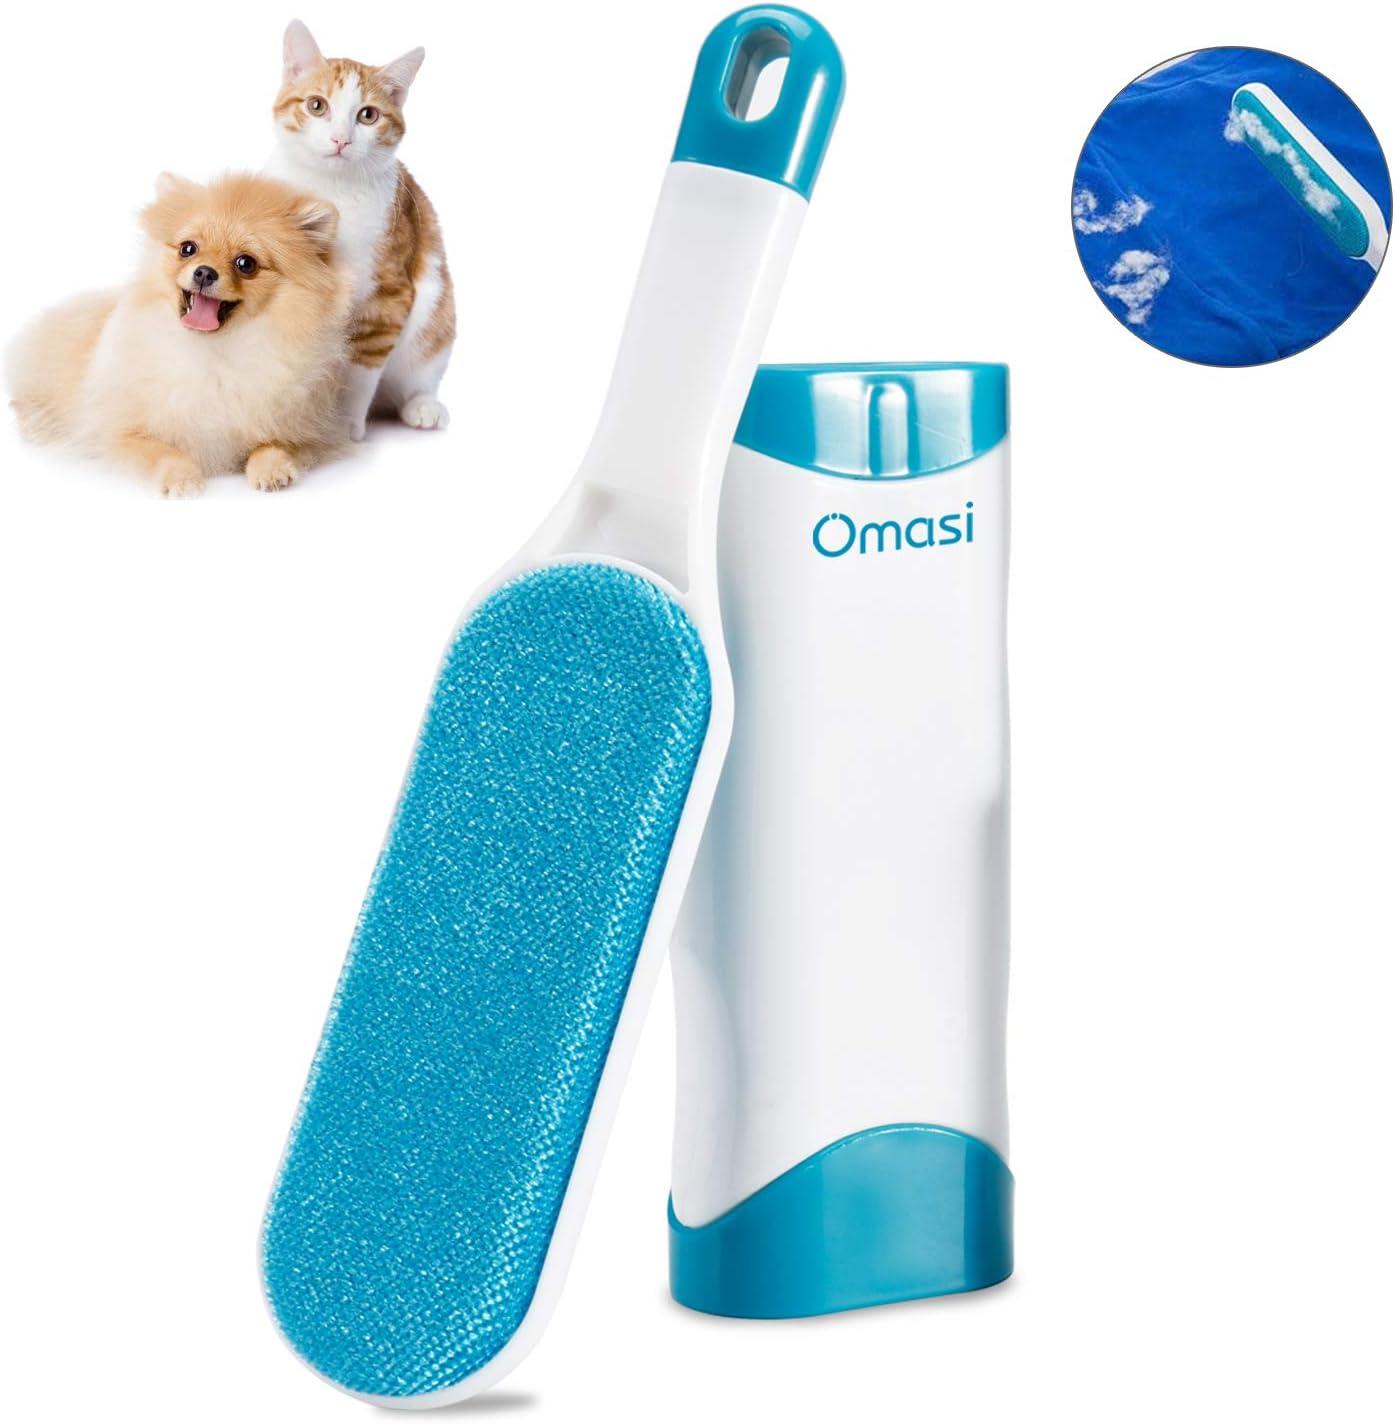 Omasi Quitapelos para Mascotas, Removedor de Pelo para Mascotas Cepillo de Limpieza Removedor de Pelaje para Perro y Gato, Mágico Depilación Eliminador de Pelo para Animales- Azul